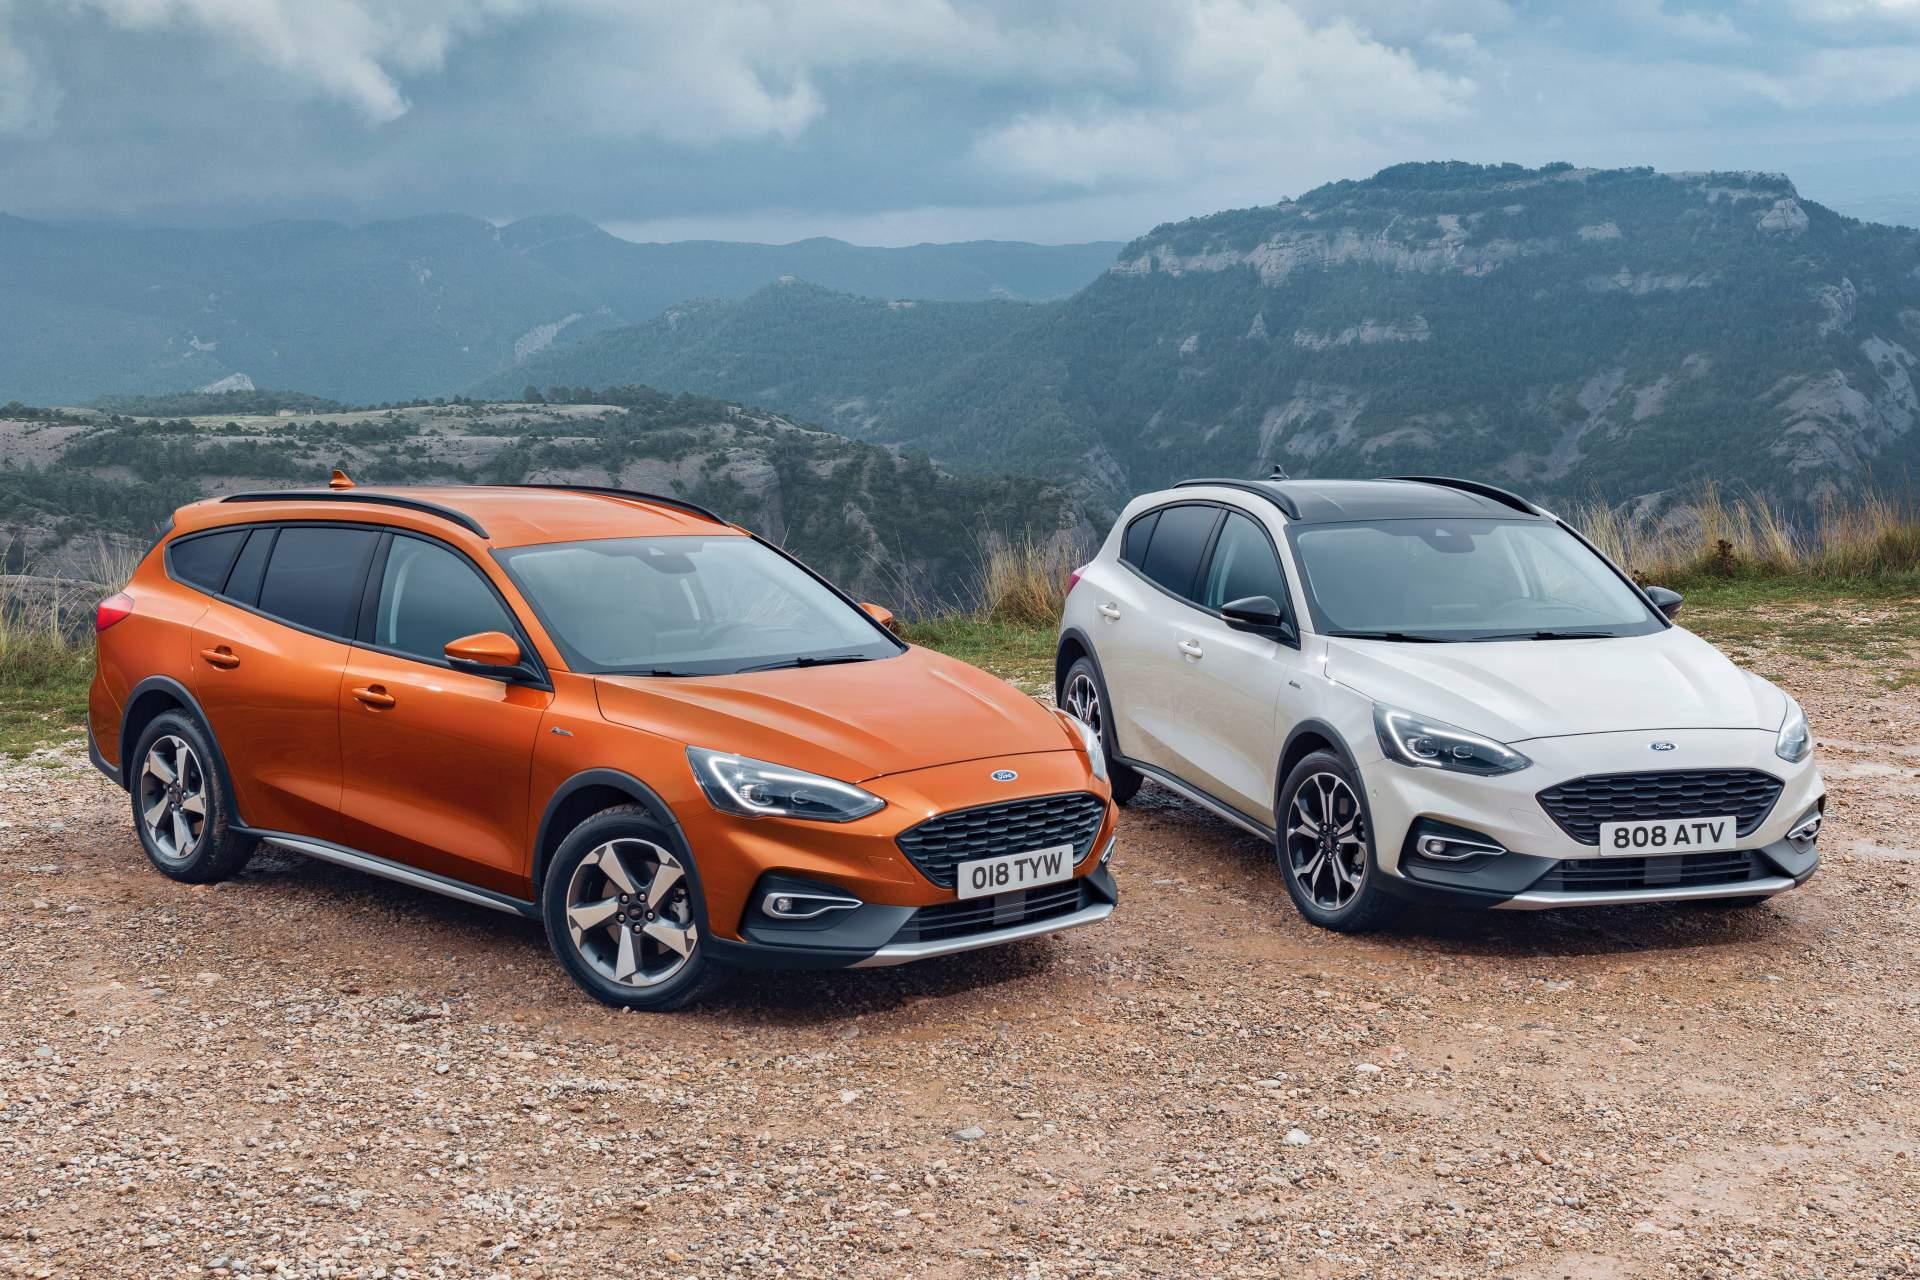 Ford представил вседорожные версии хэтчбека и универсала Focus